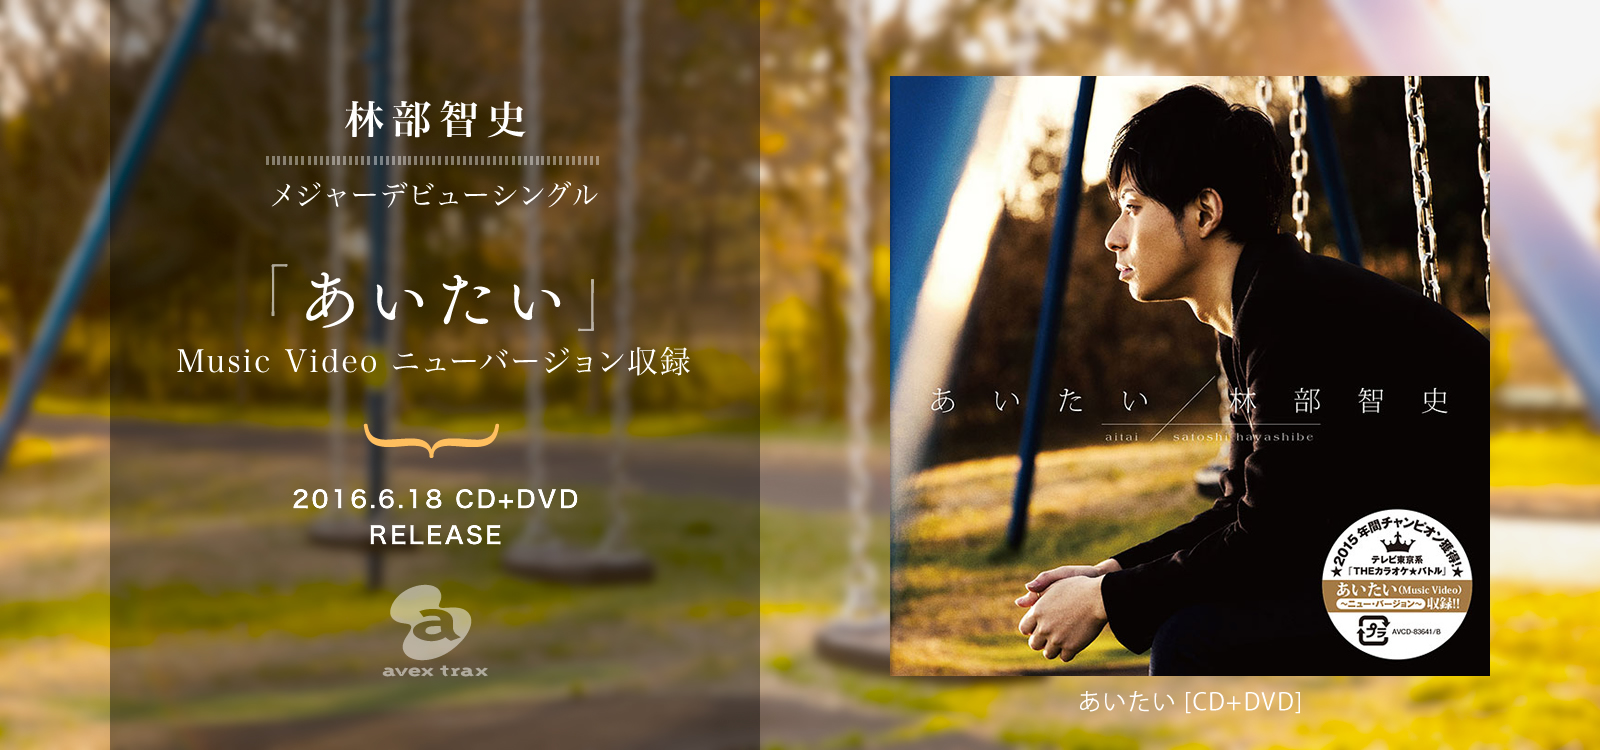 メジャーデビューシングル「あいたい」